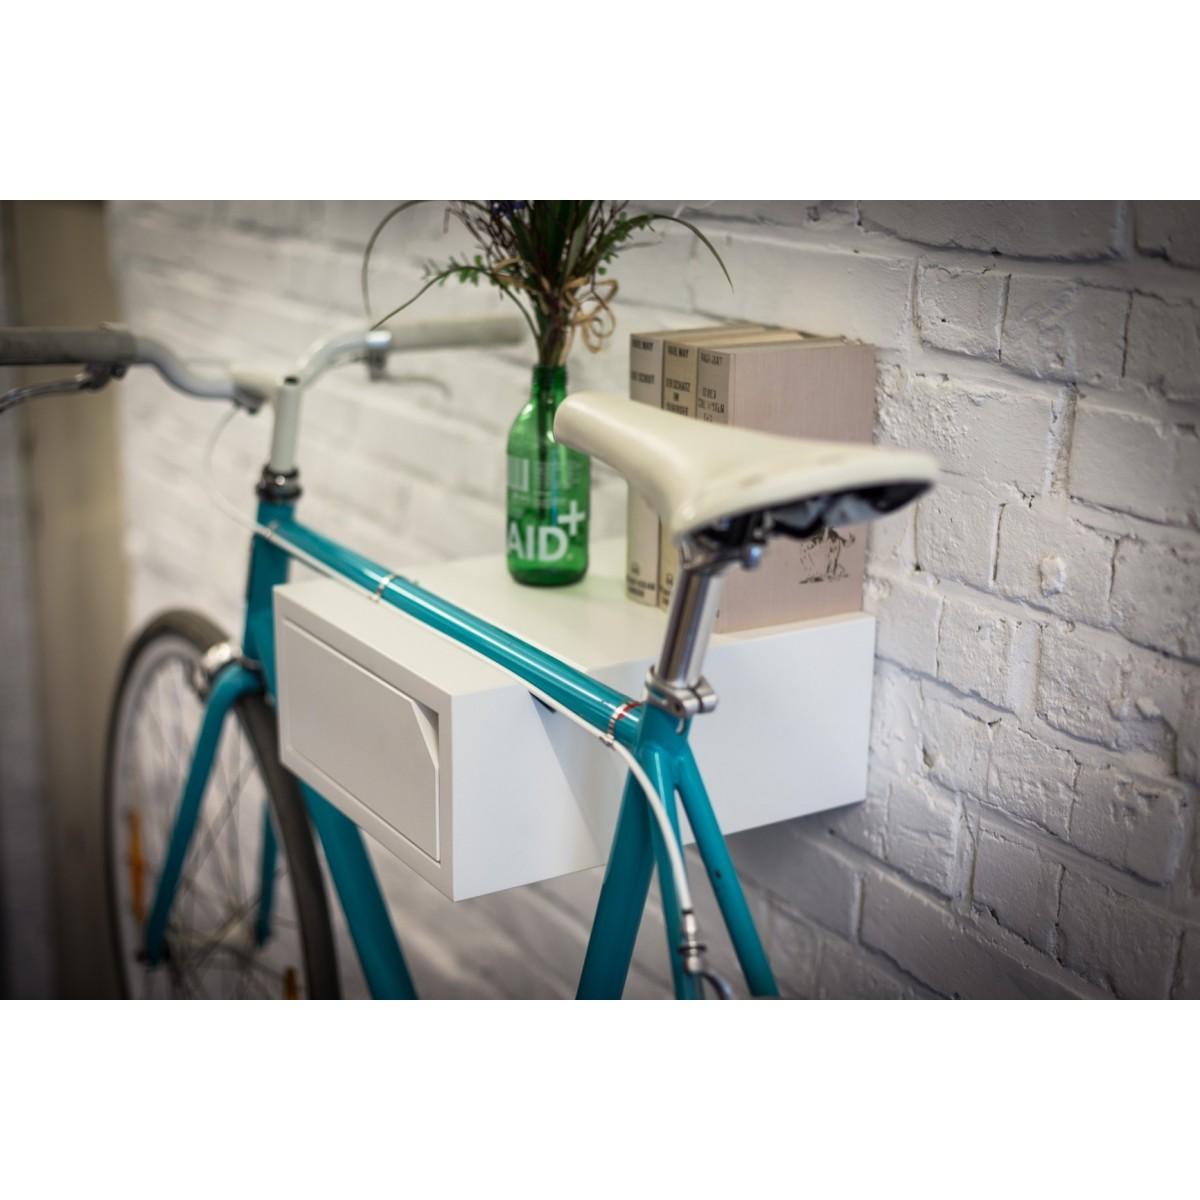 CLEMENS | Fahrrad Wandhalterung aus Holz | Fahrradwandhalter | Bicycledudes